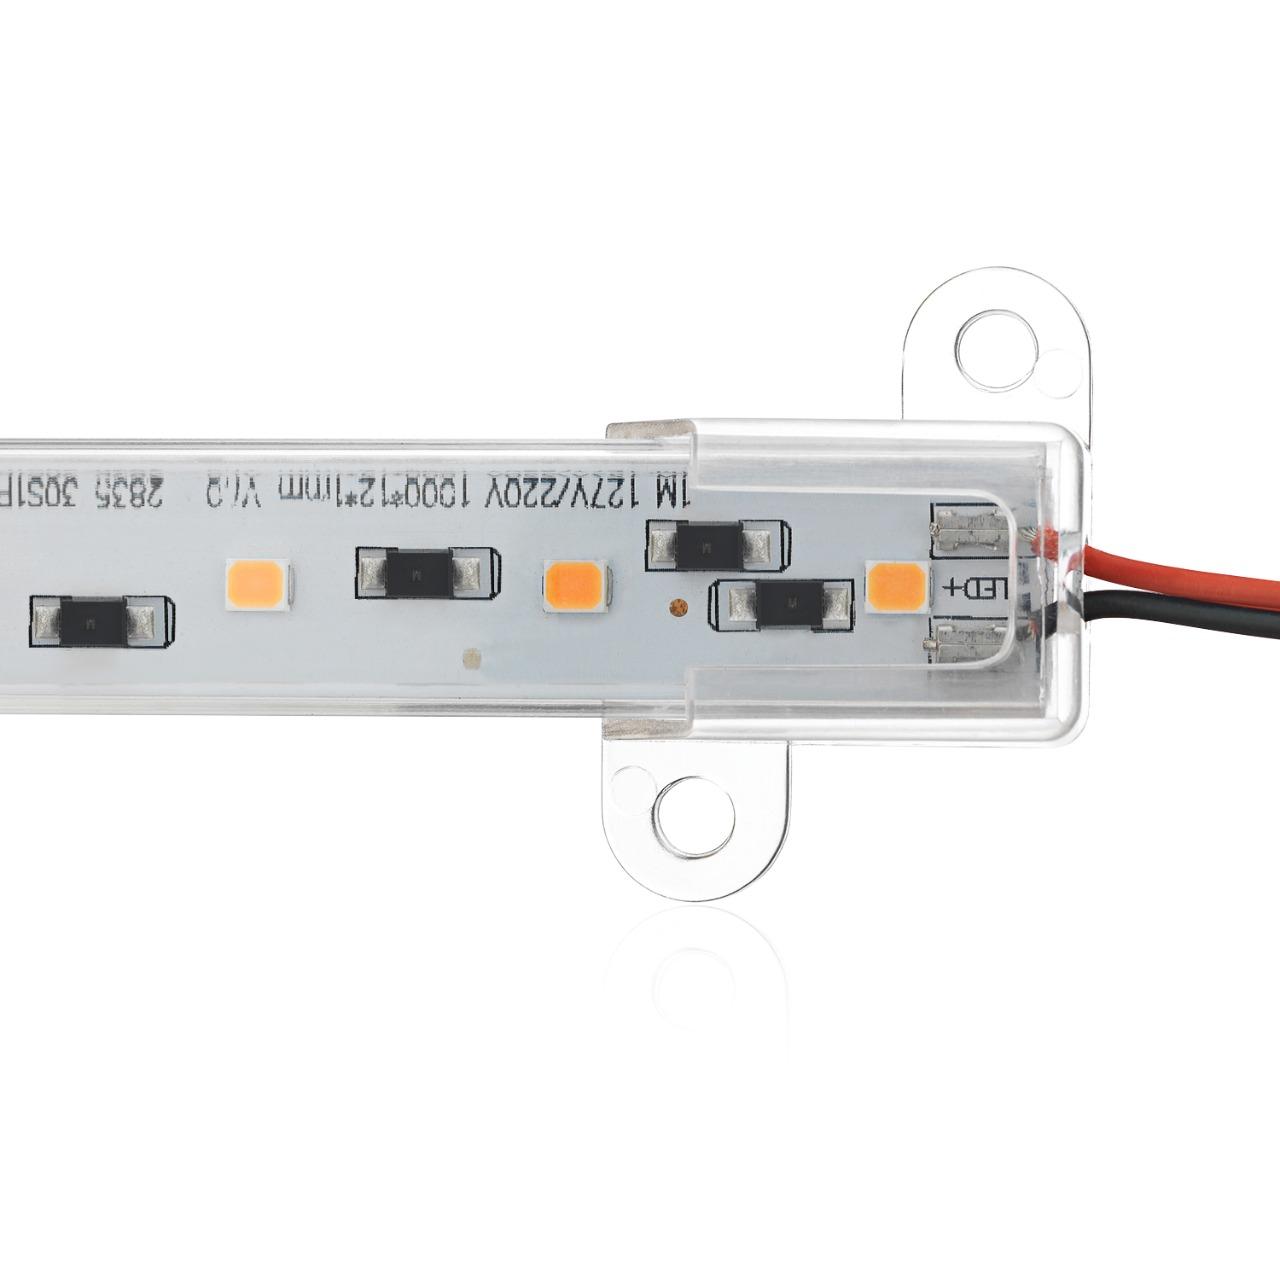 PLACA DE LED - PLUG & PLAY -  20W - 1400K